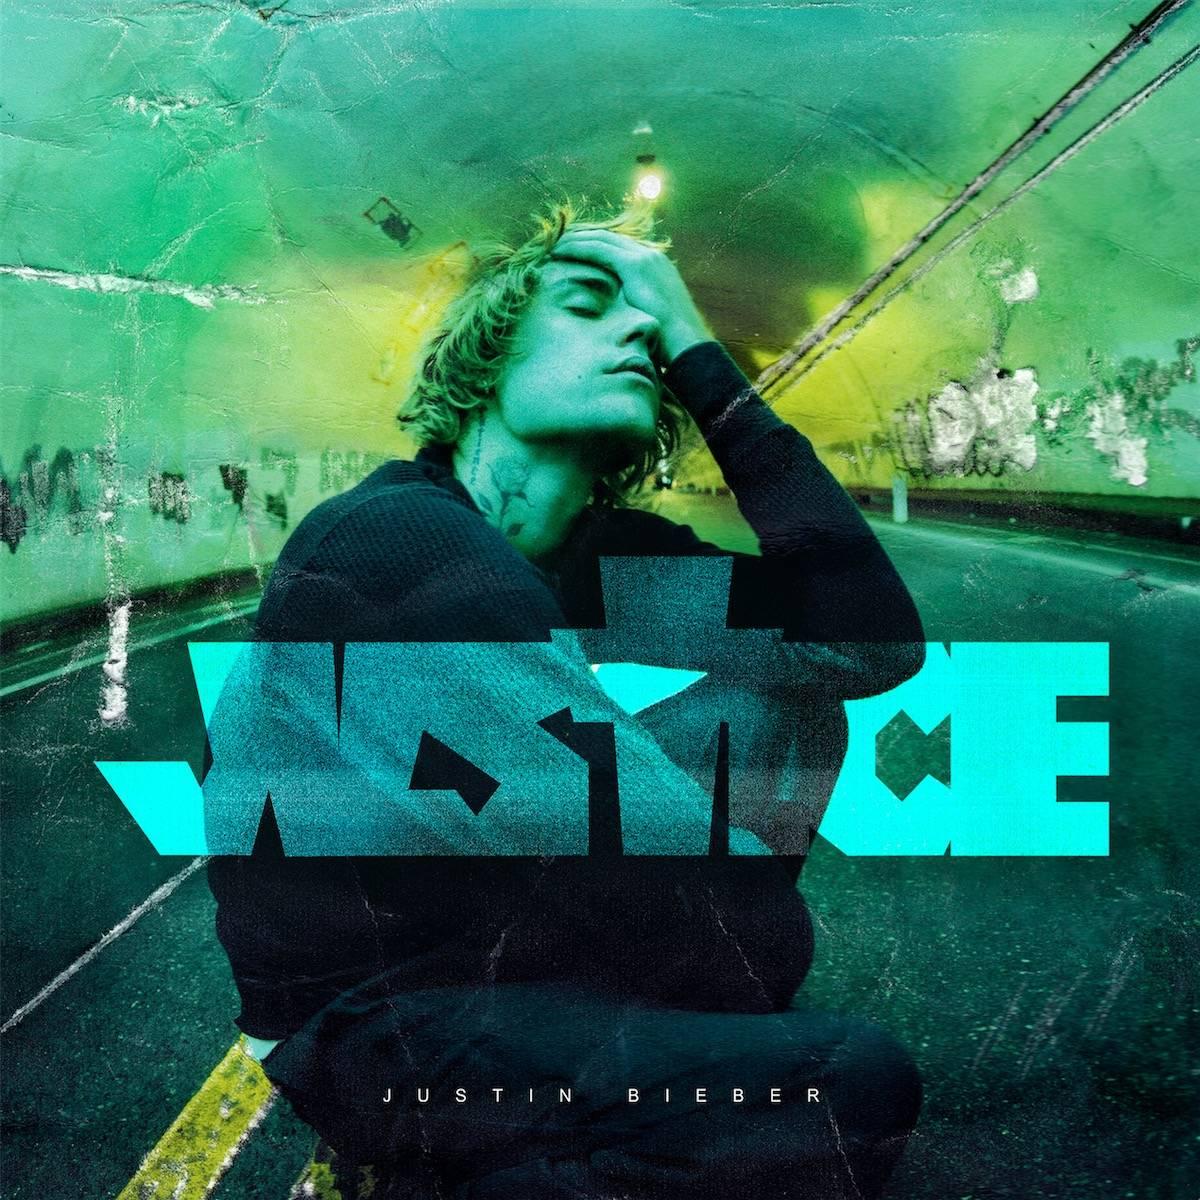 Justin Bieber představil album Justice, má přinést spravedlnost pro humanitu